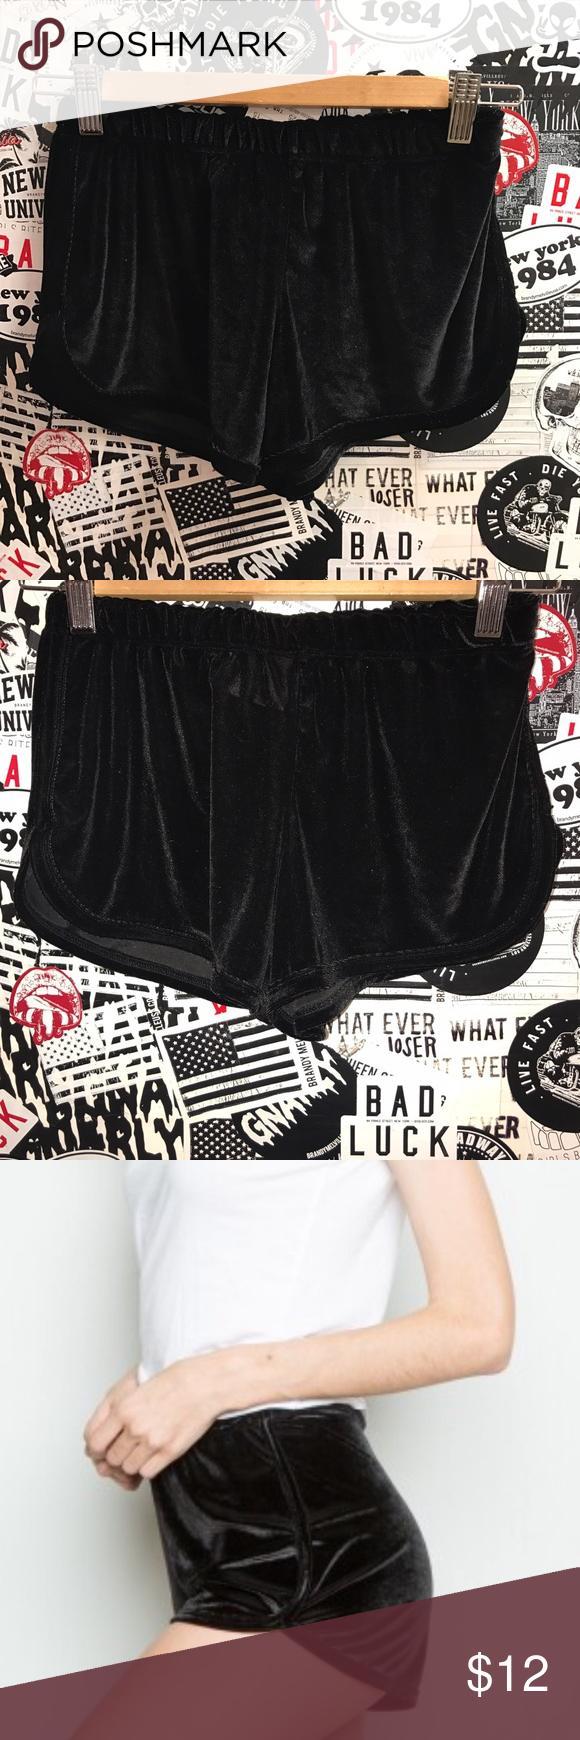 Brandy Melville Velvet Shorts Black velvet track shorts size Sm-Med Brandy Melville Shorts